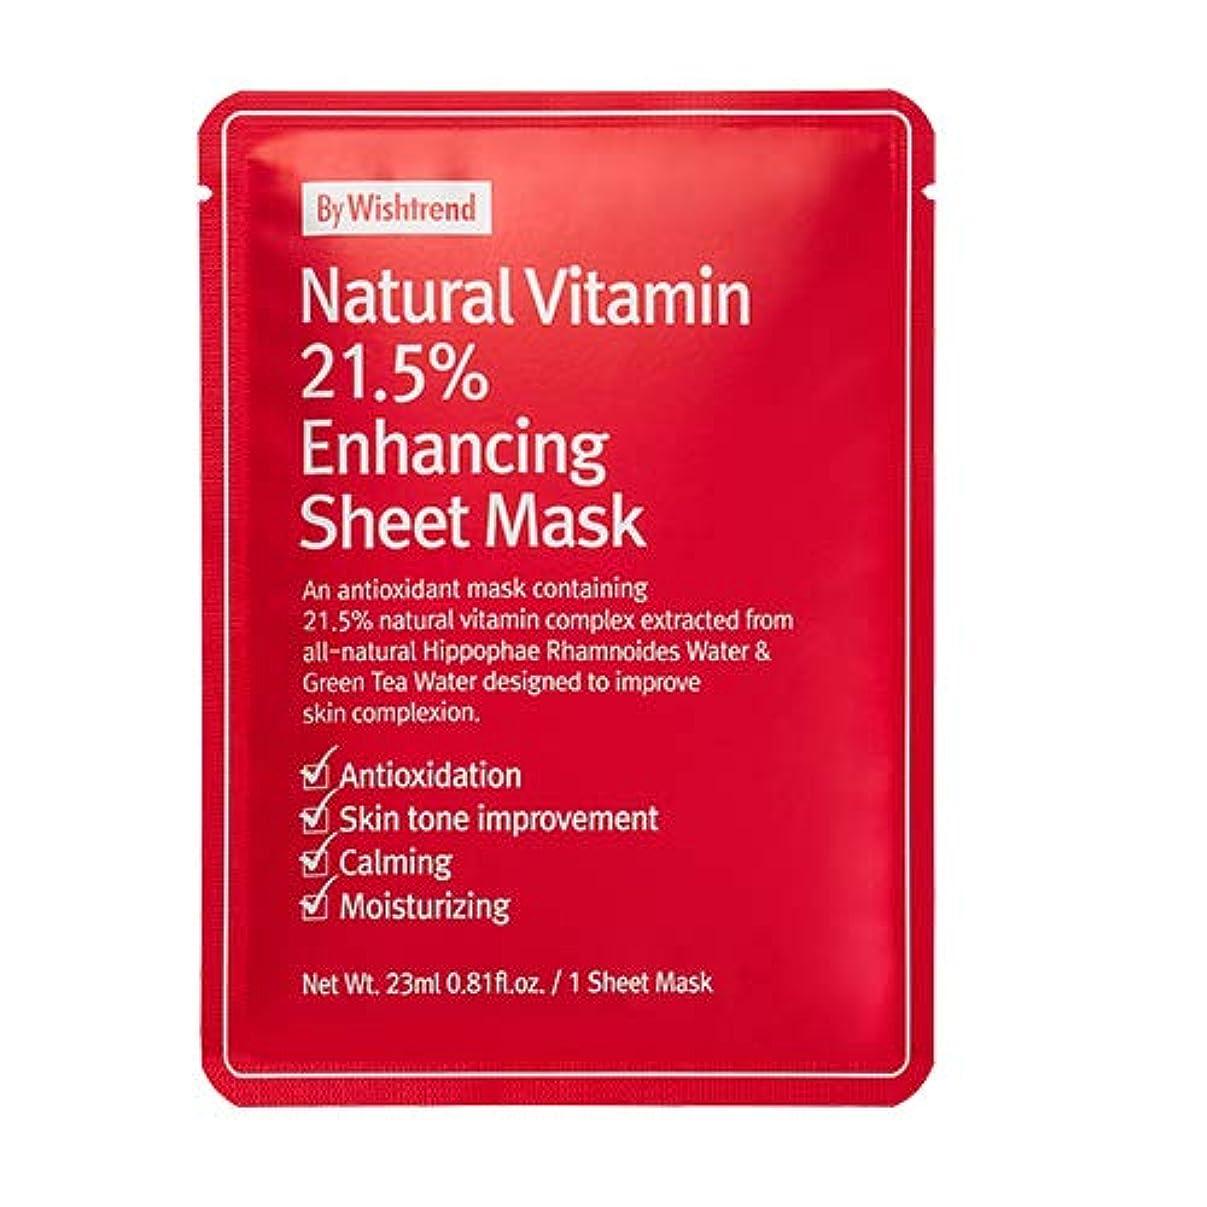 入り口剥離壁紙[BY WISHTREND] ナチュラルビタミン21.5エンハンシング シートマスク 10シート, Natural Vitamin 21.5 Enhancing Mask 10 sheets [並行輸入品]